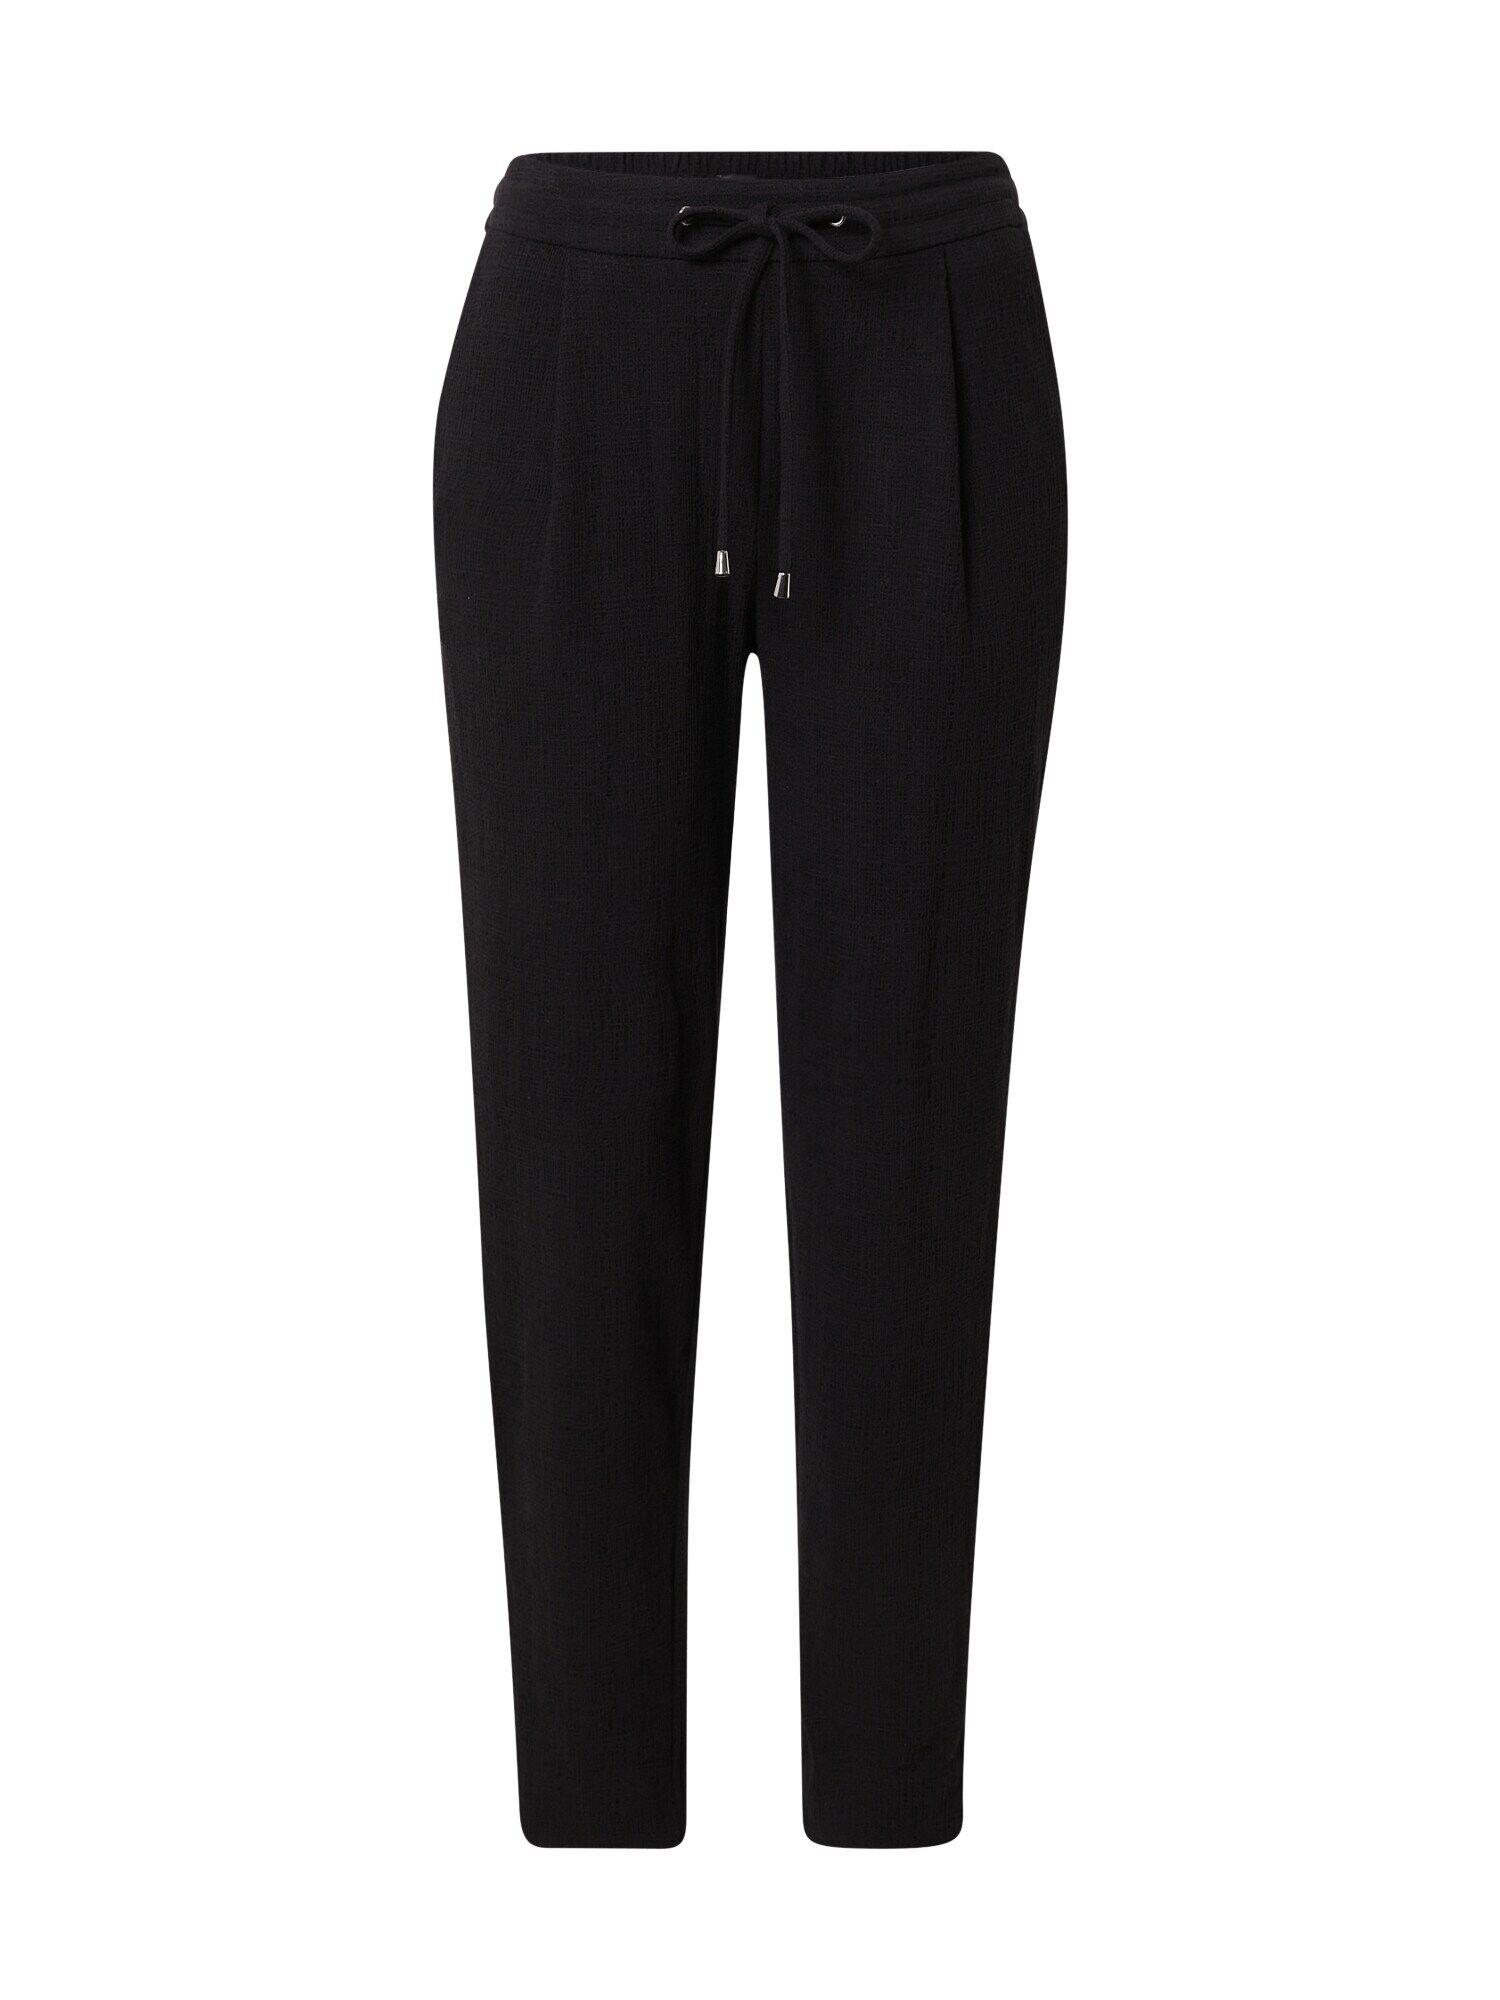 Dorothy Perkins Pantalon à pince  - Noir - Taille: 10 - female